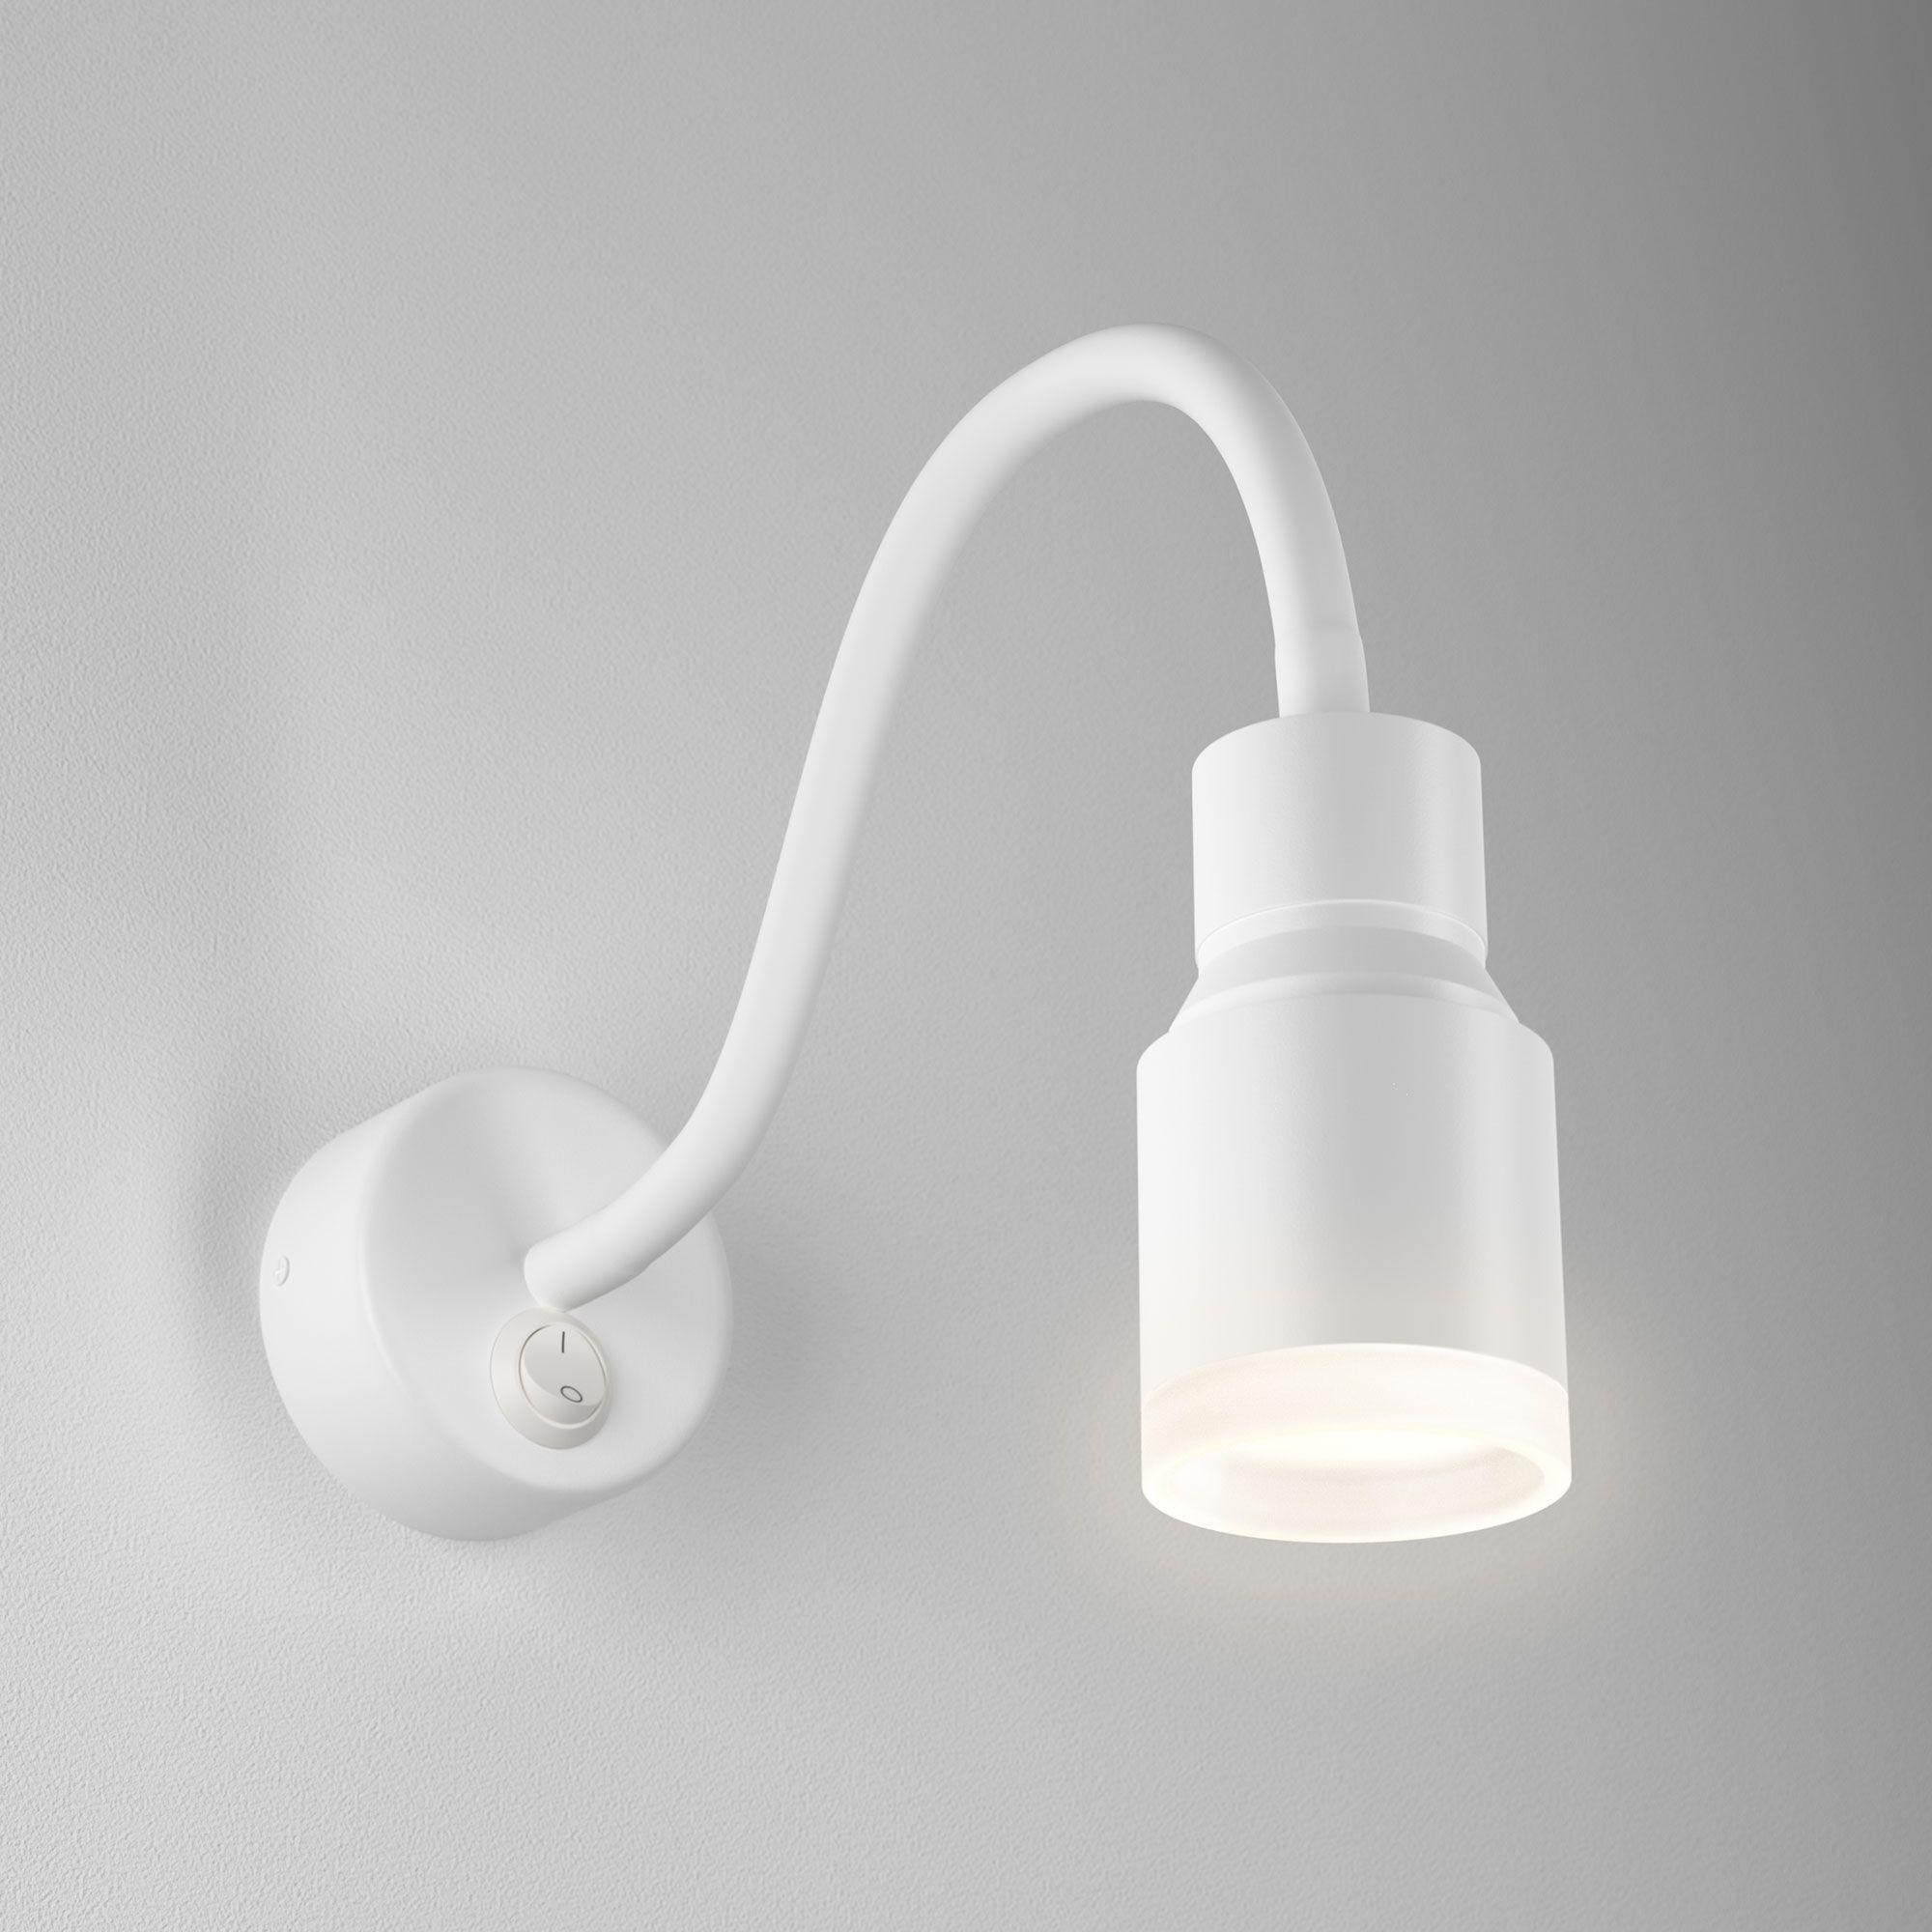 Настенный светодиодный светильник с гибким корпусом Molly LED MRL LED 1015 белый